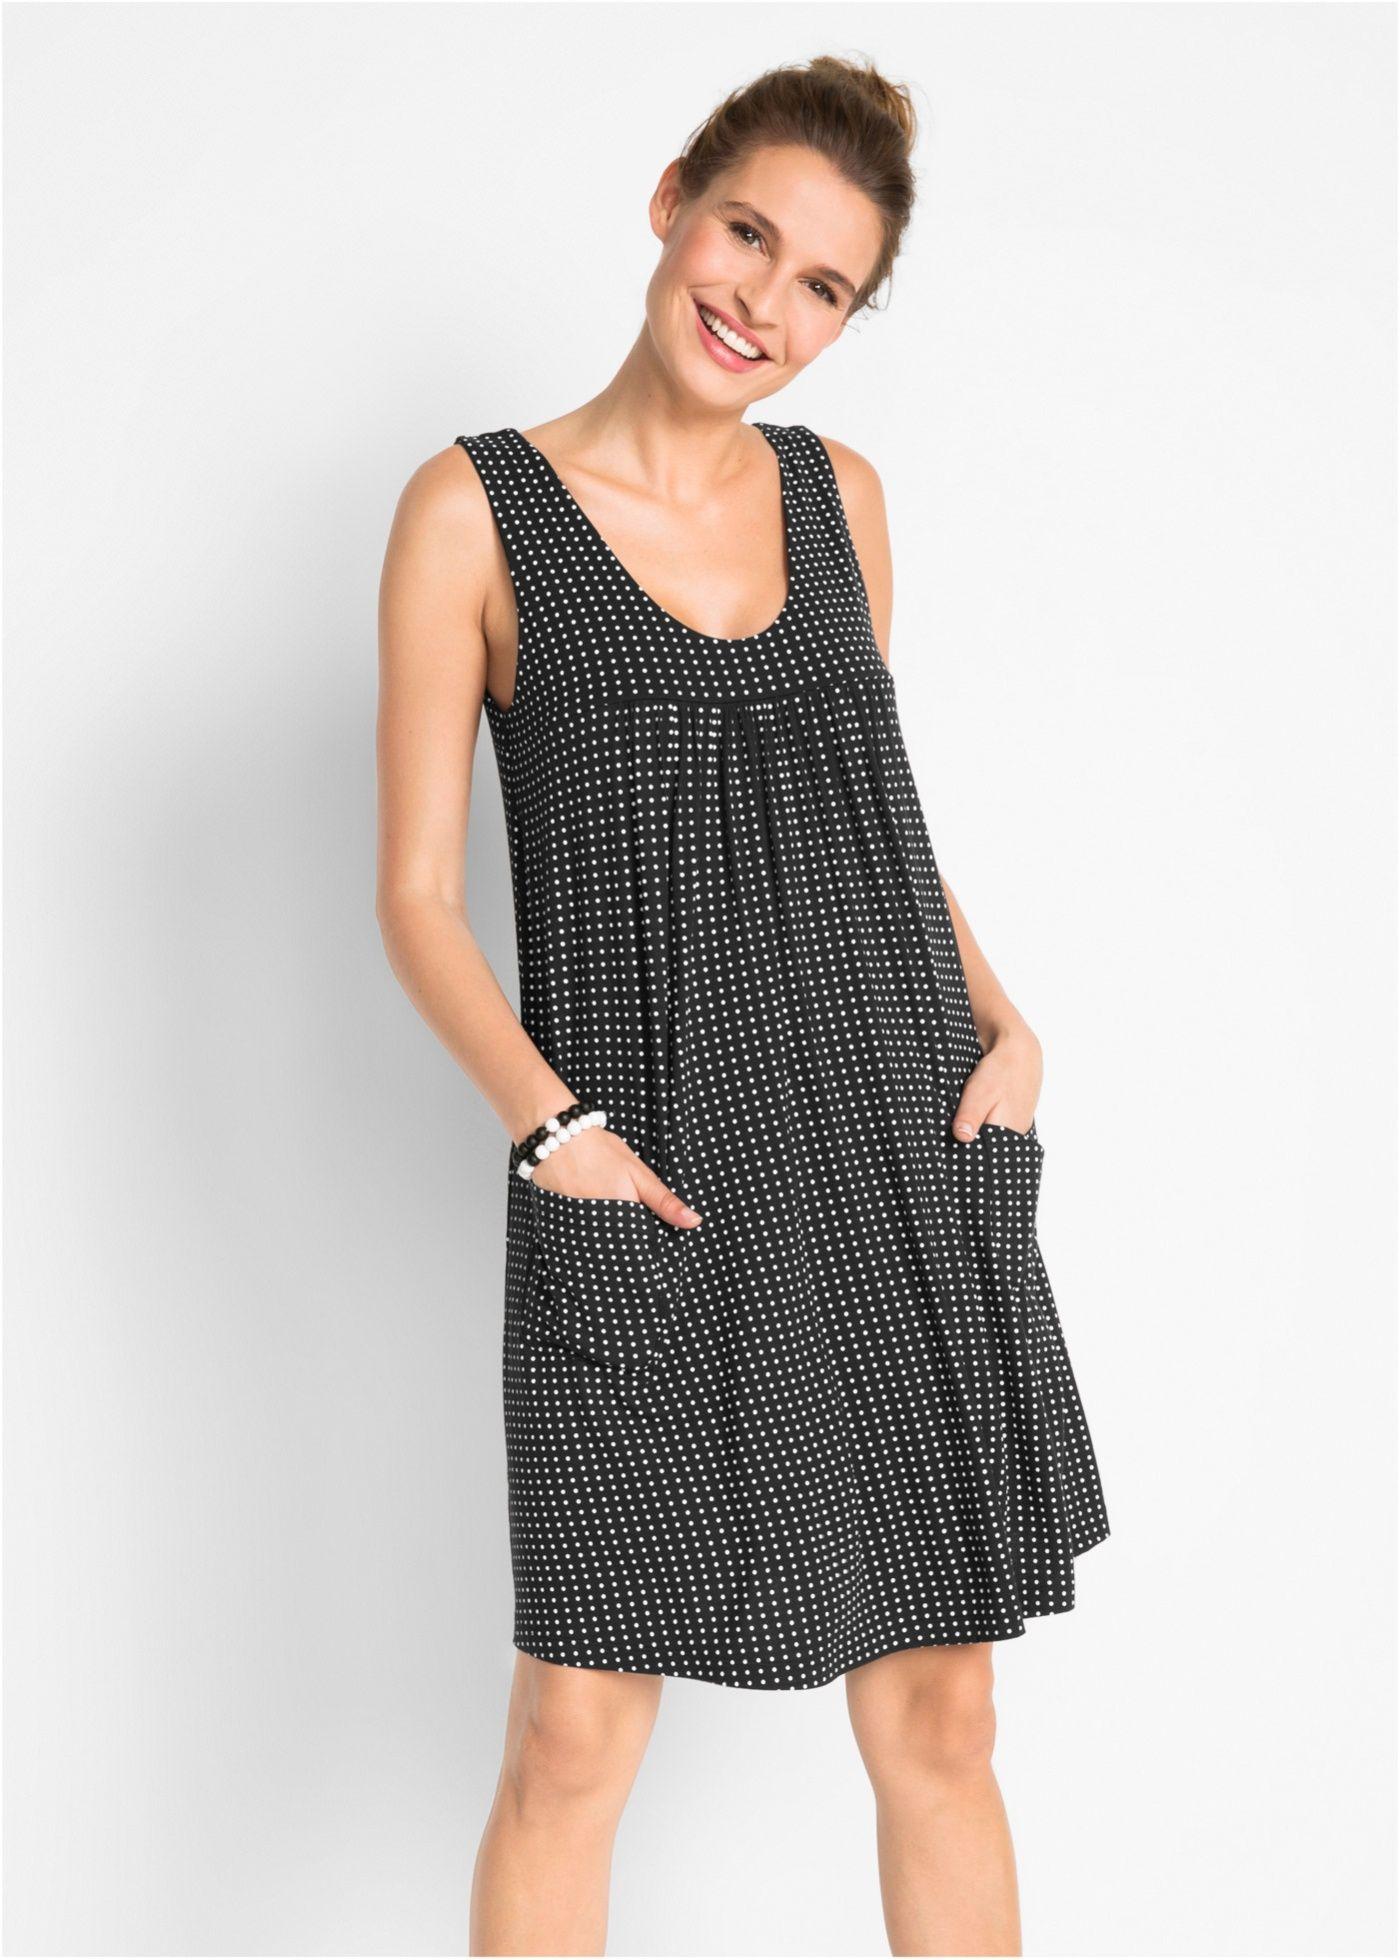 Jerseykleid Mit Taschen Gemustert In 2021 Kleider Damen Damenkleider Kleider